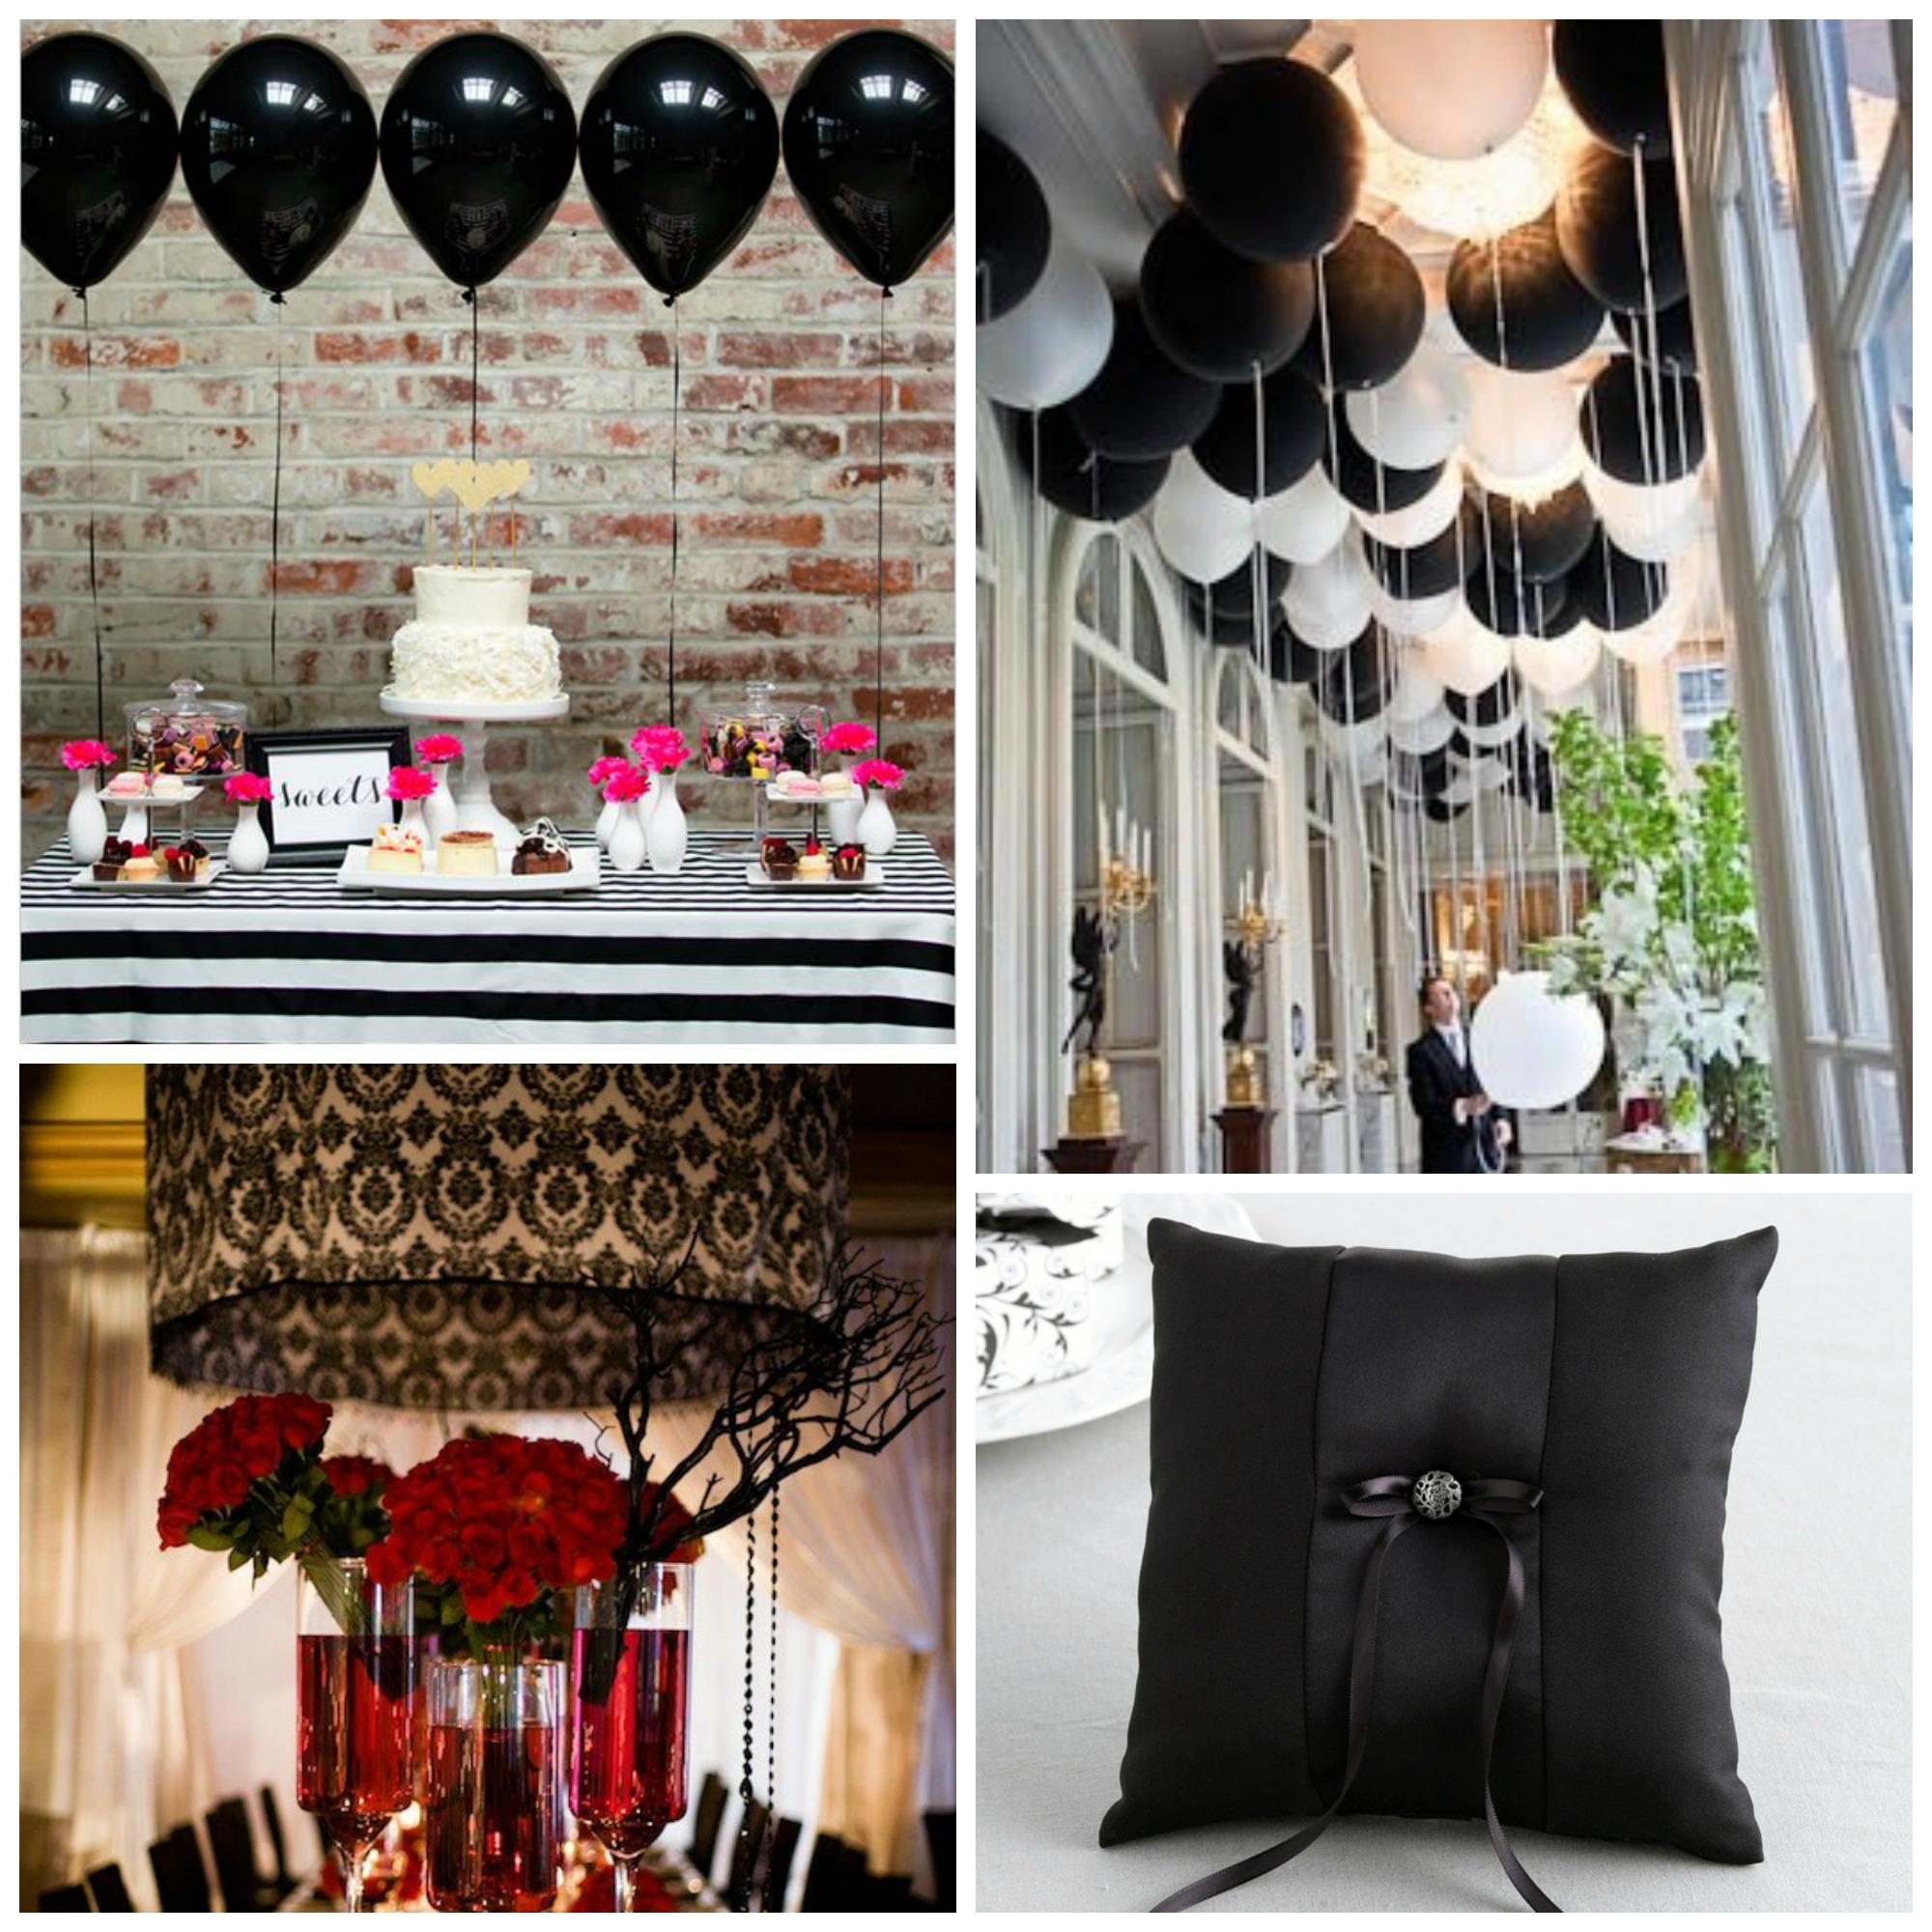 decoration de mariage gothique id es et d 39 inspiration sur le mariage. Black Bedroom Furniture Sets. Home Design Ideas